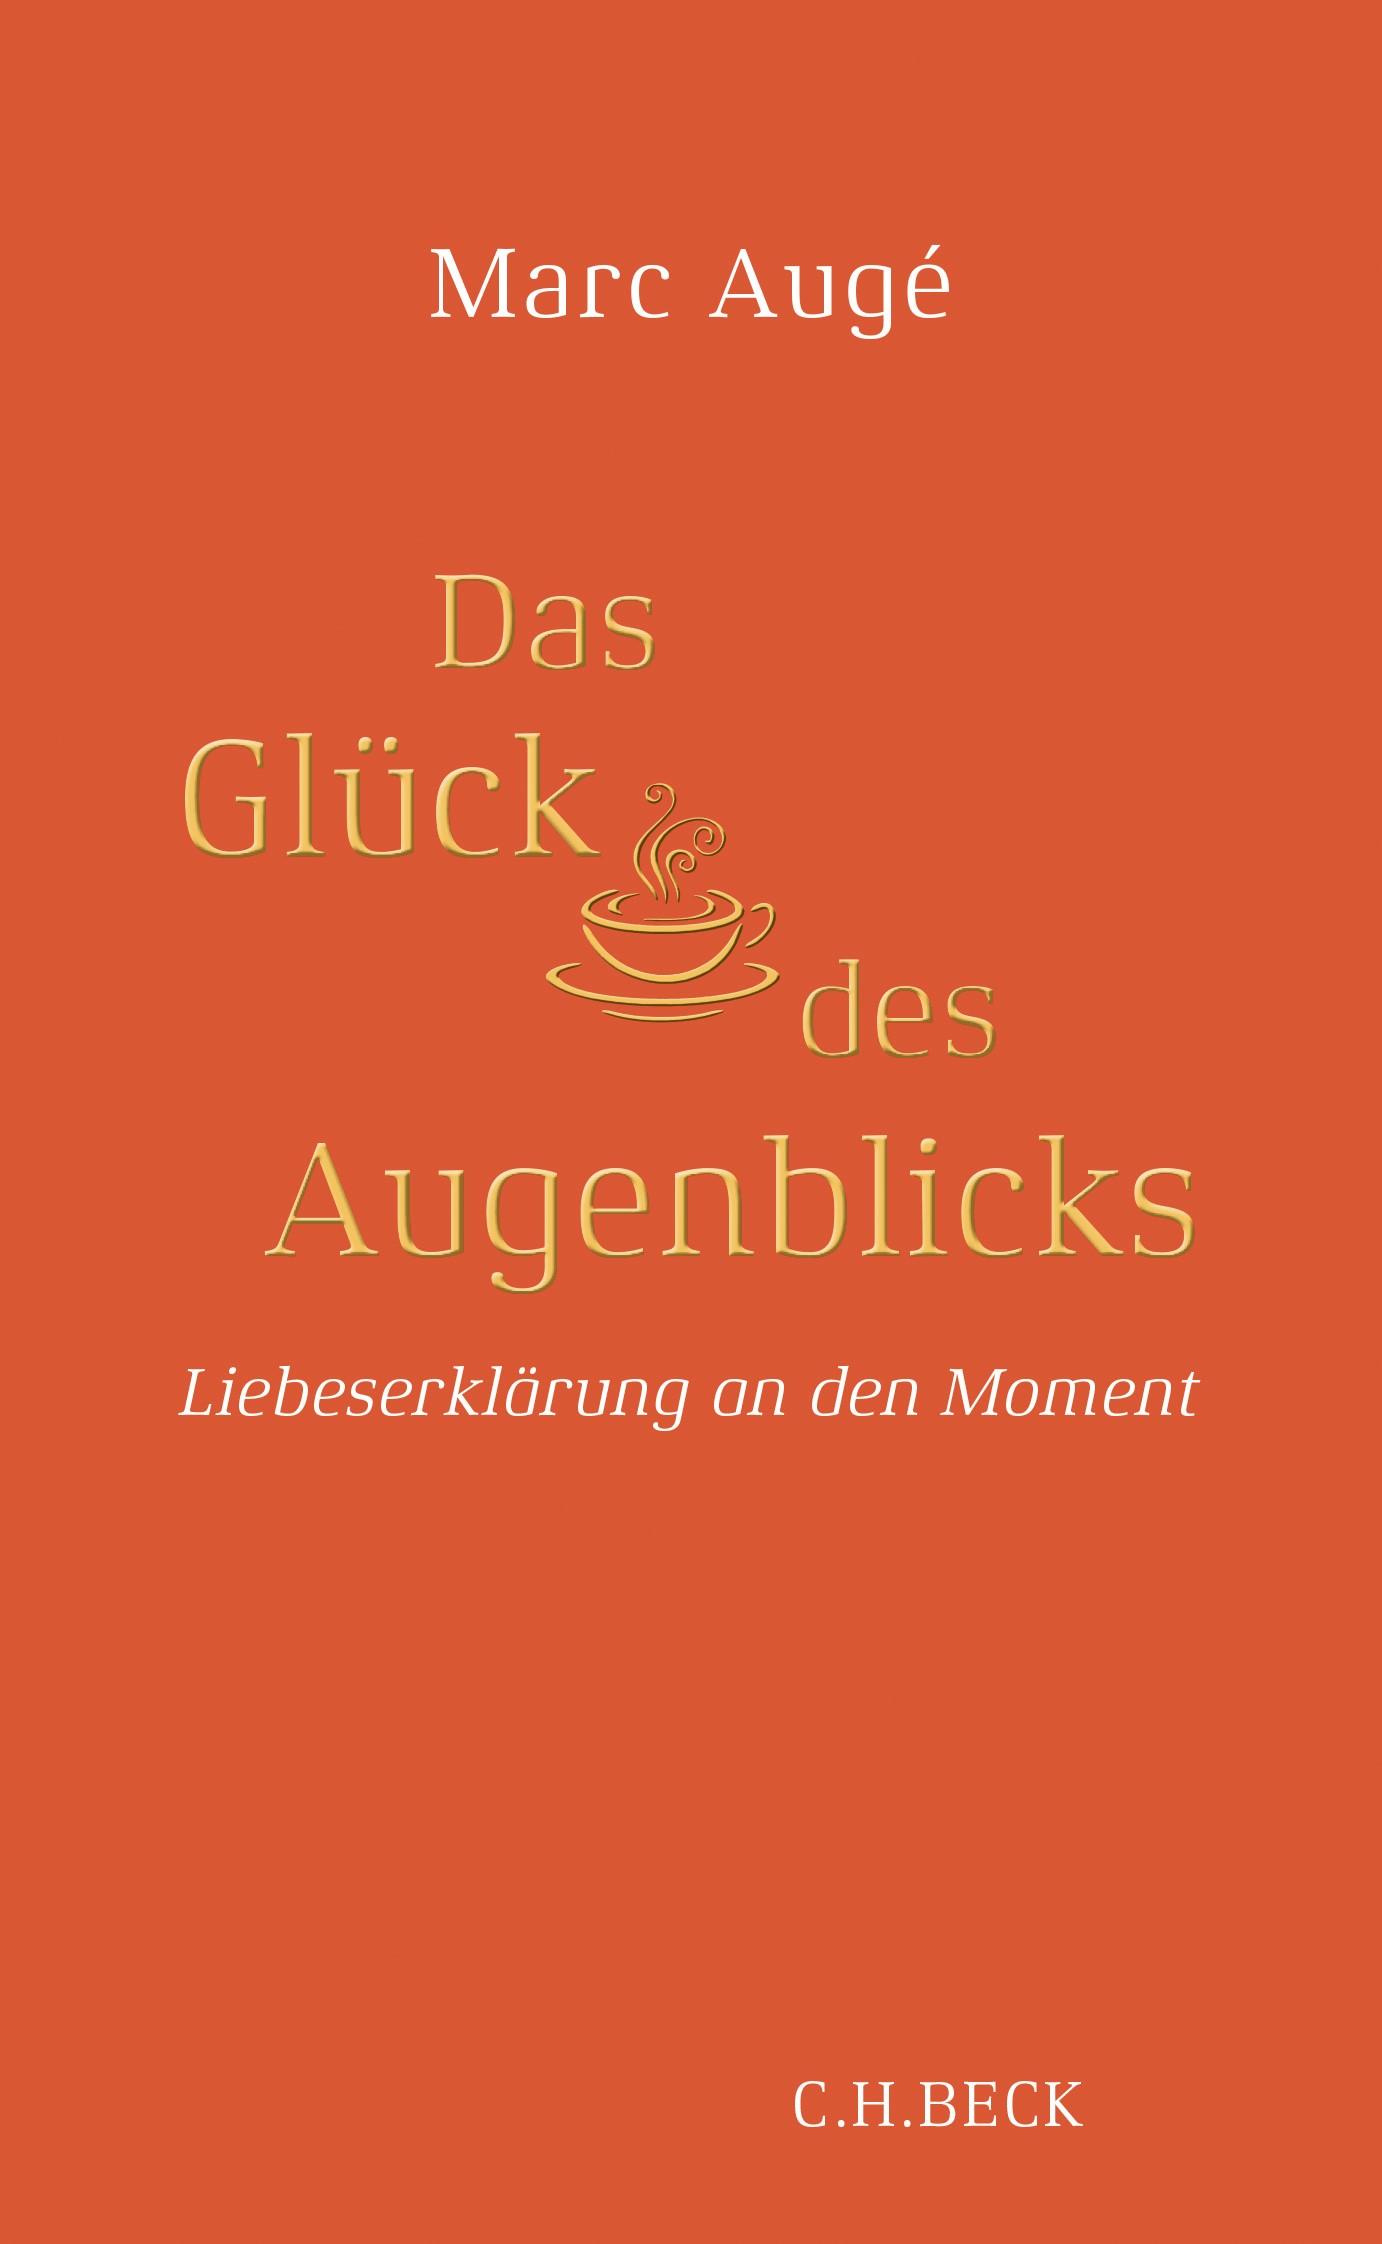 Das Glück des Augenblicks | Augé, Marc, 2019 | Buch (Cover)